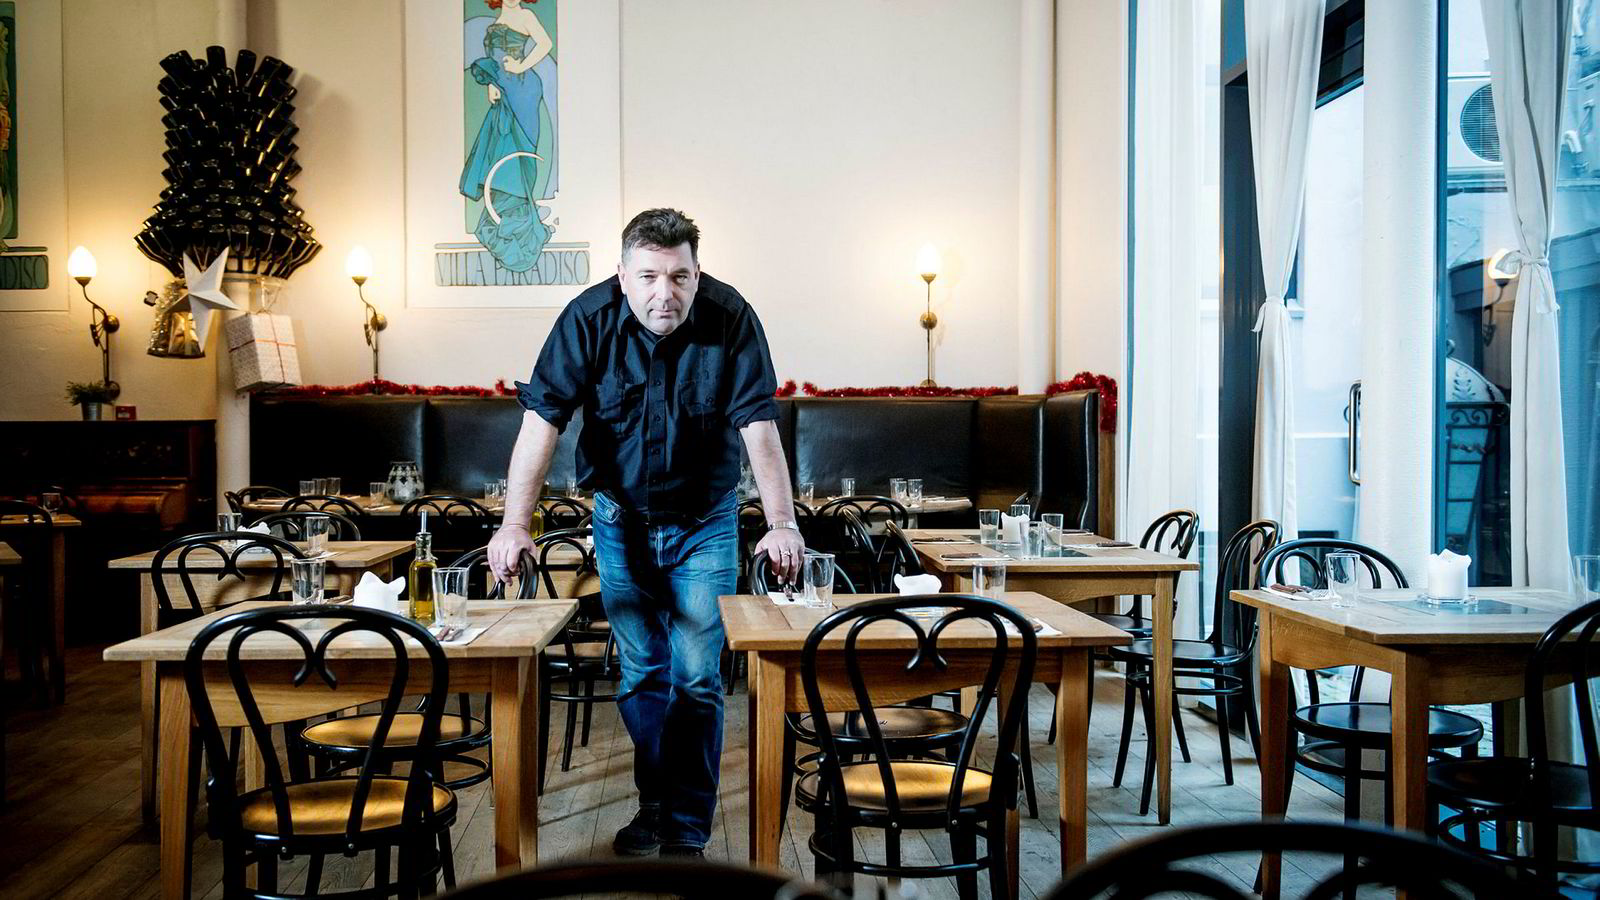 Jan Vardøens gjenværende The Nighthawk Diner på Grünerløkka er begjært konkurs. Nå prøver han bare å «redde det som reddes kan».